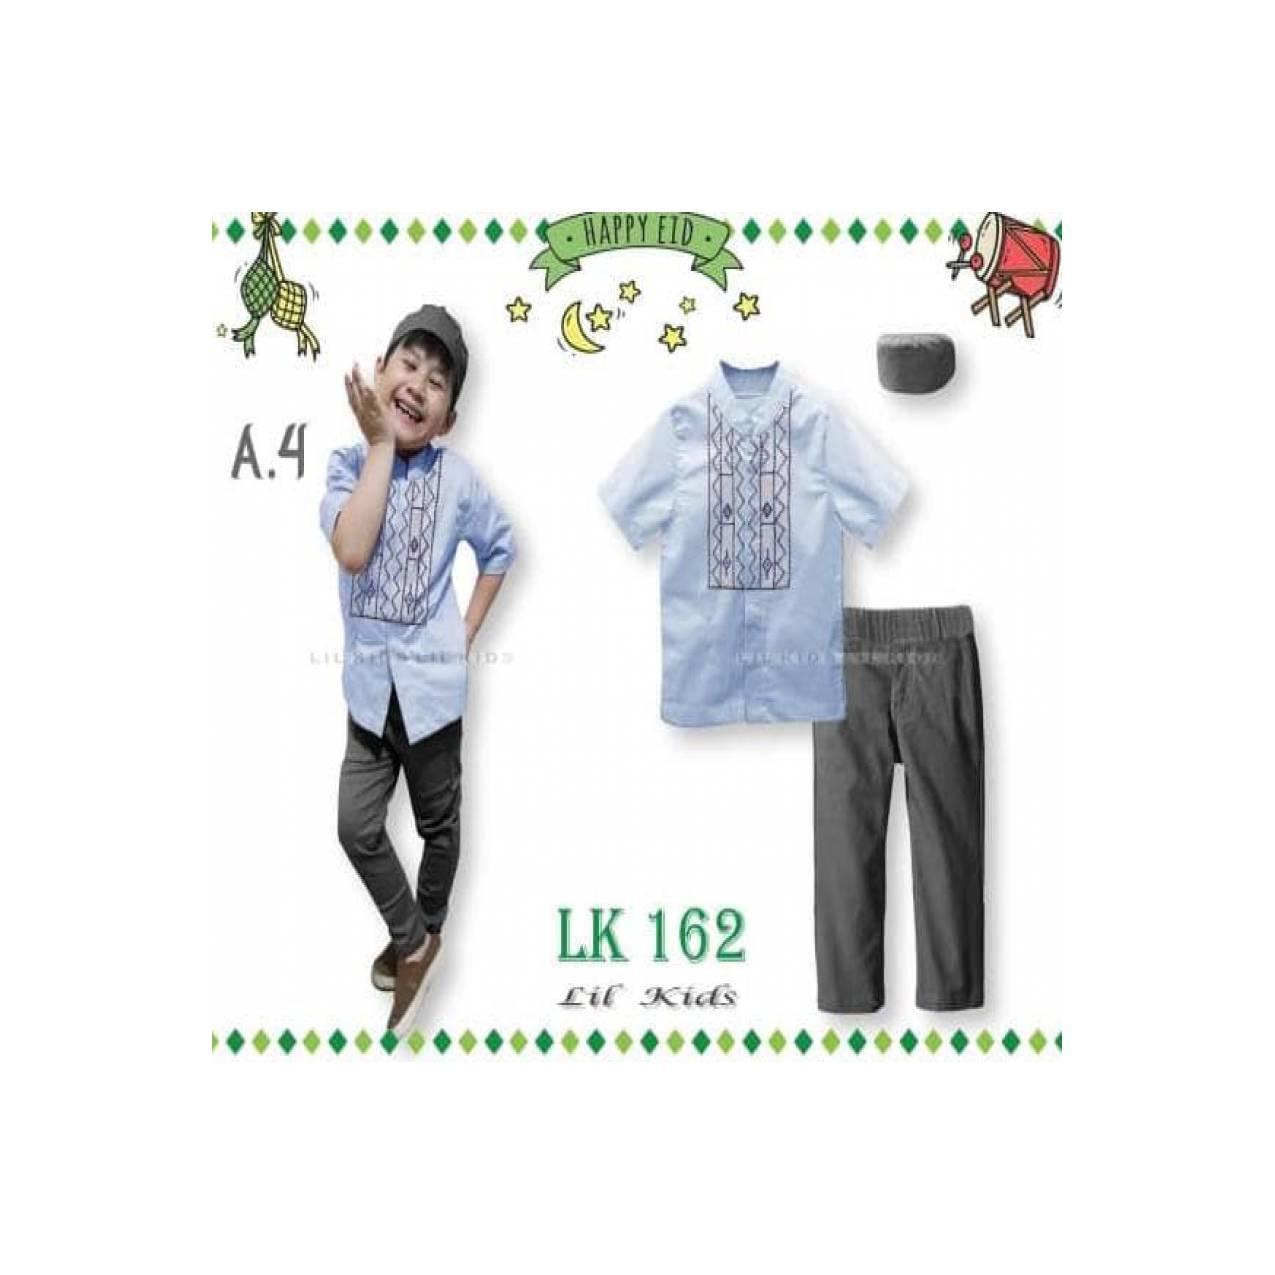 LK162 A4 Baju Muslim Koko Pendek Anak Kecil Import Lebaran Peci Biru